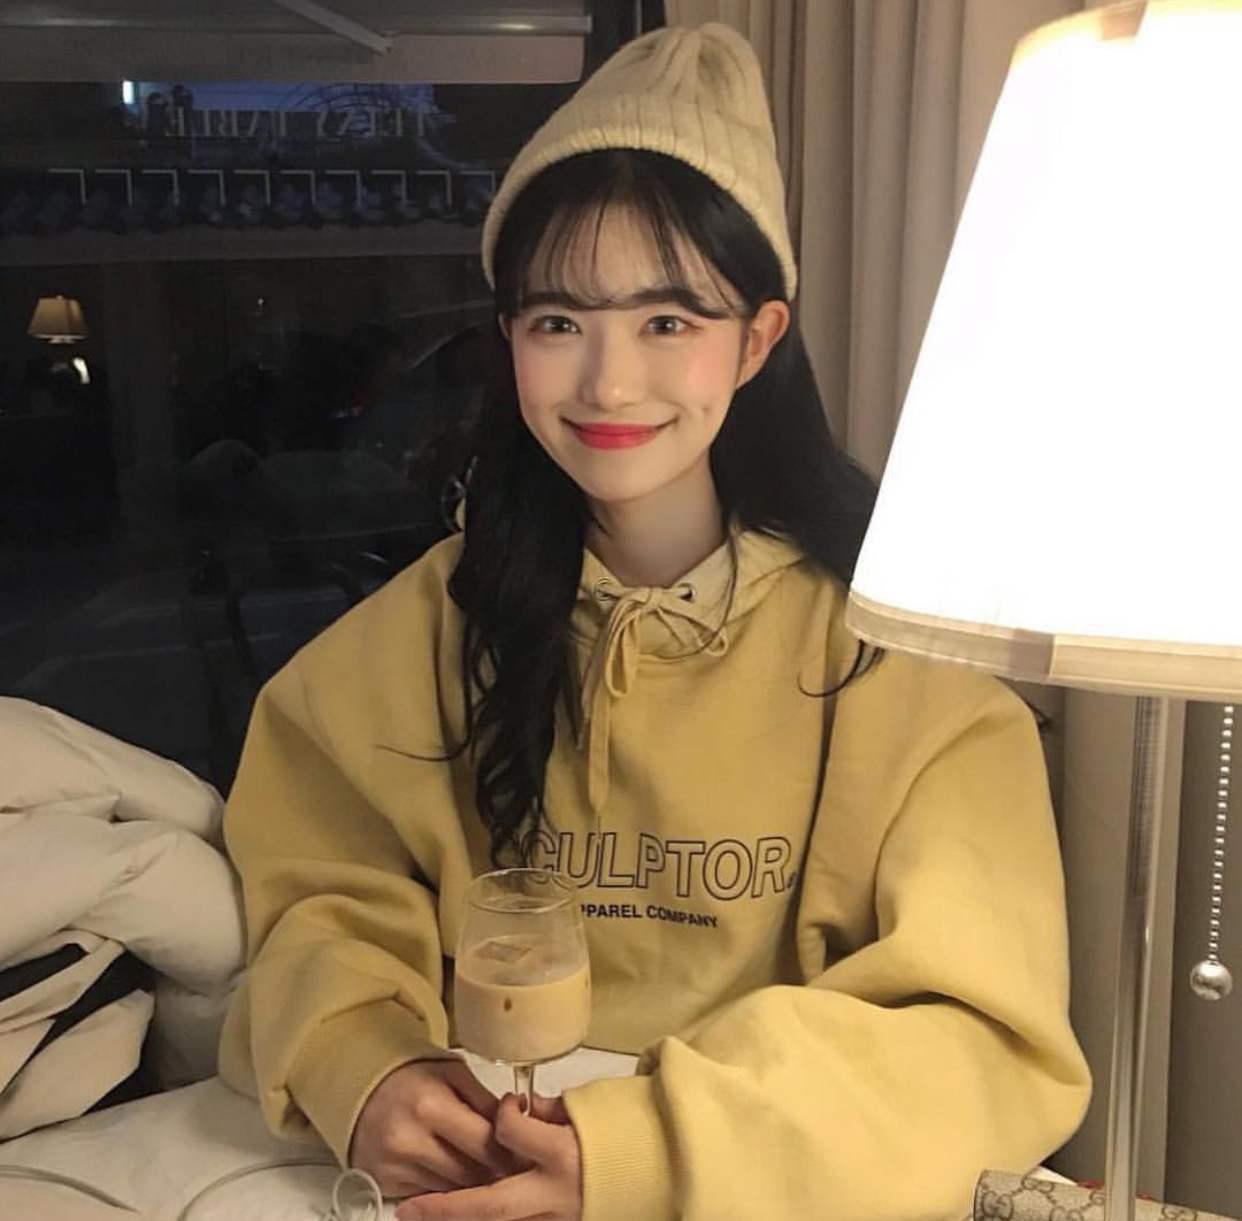 黄油少女 奶萌感~字母刺绣连帽卫衣 韩国复古学院宽松套头加绒衫